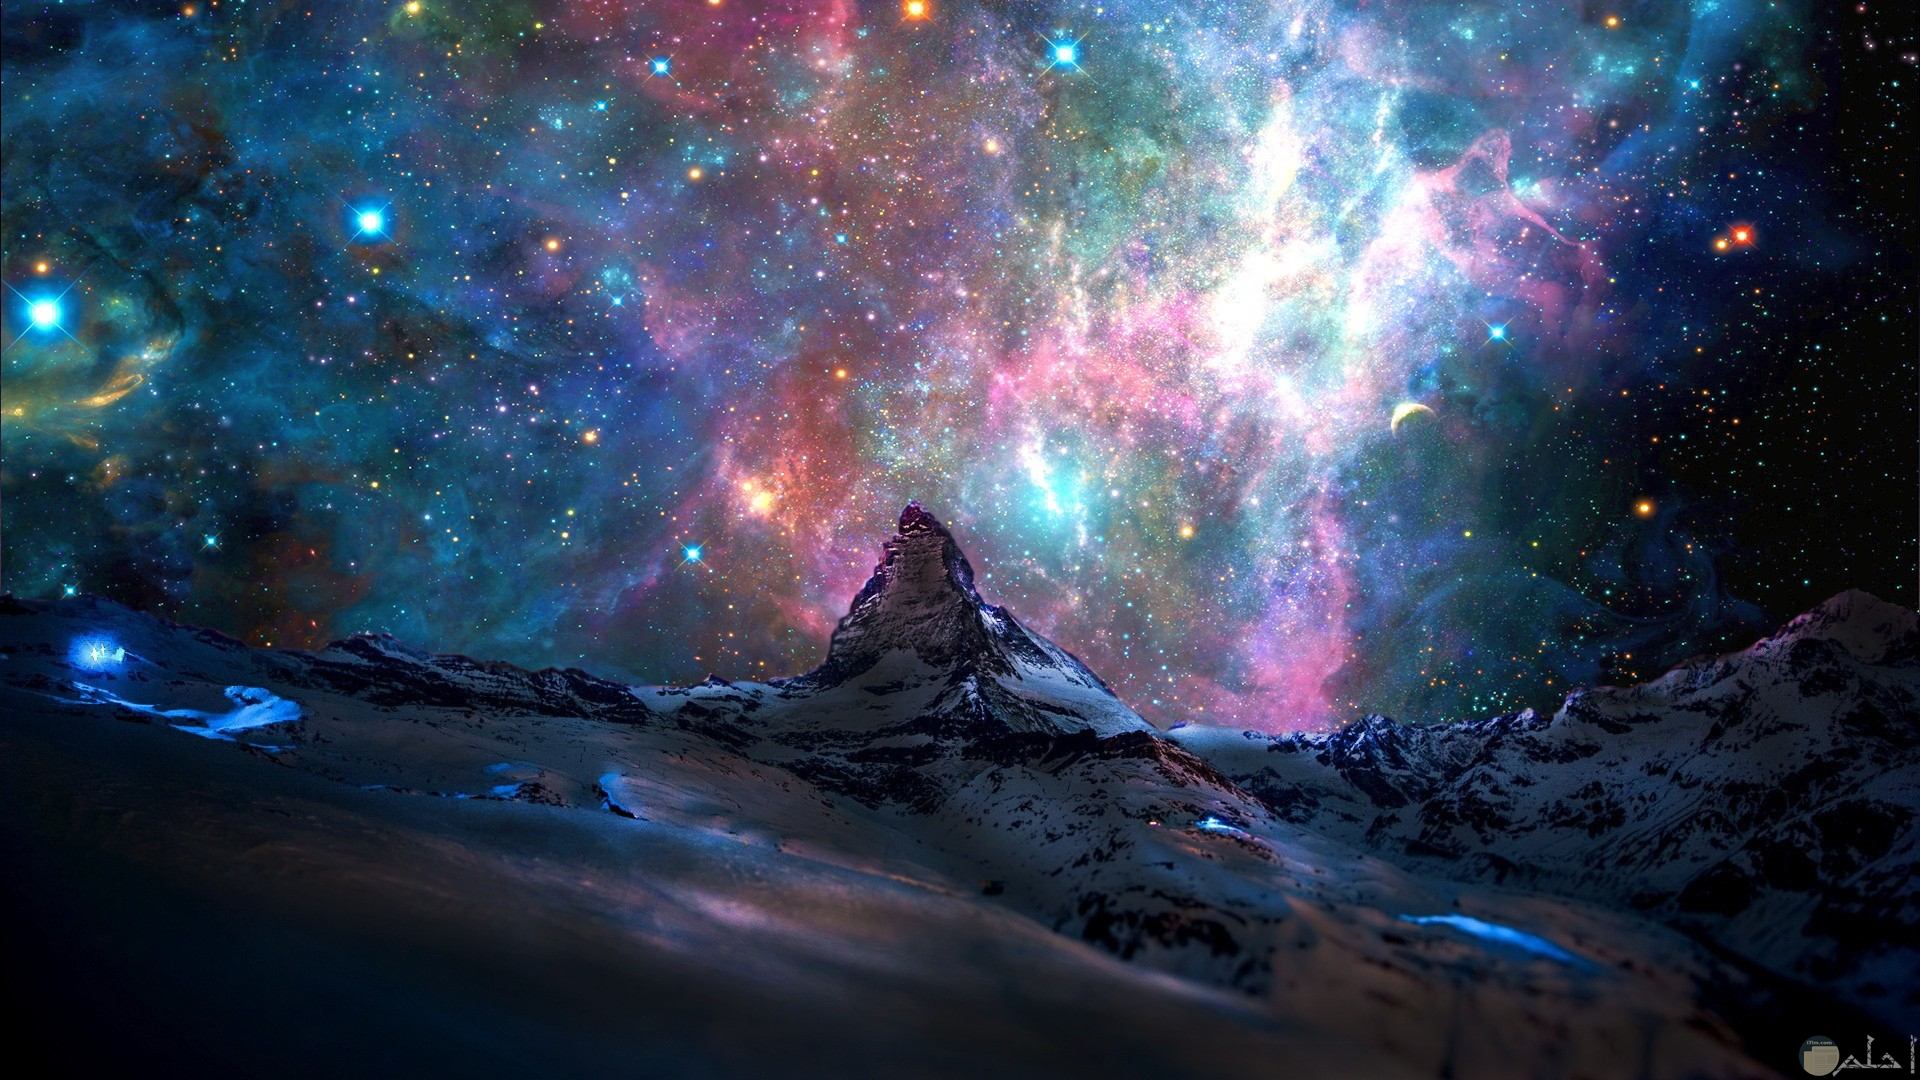 صورة يظهر فيها السماء مزينة بالنجوم جميلة كخلفية للكمبيوتر